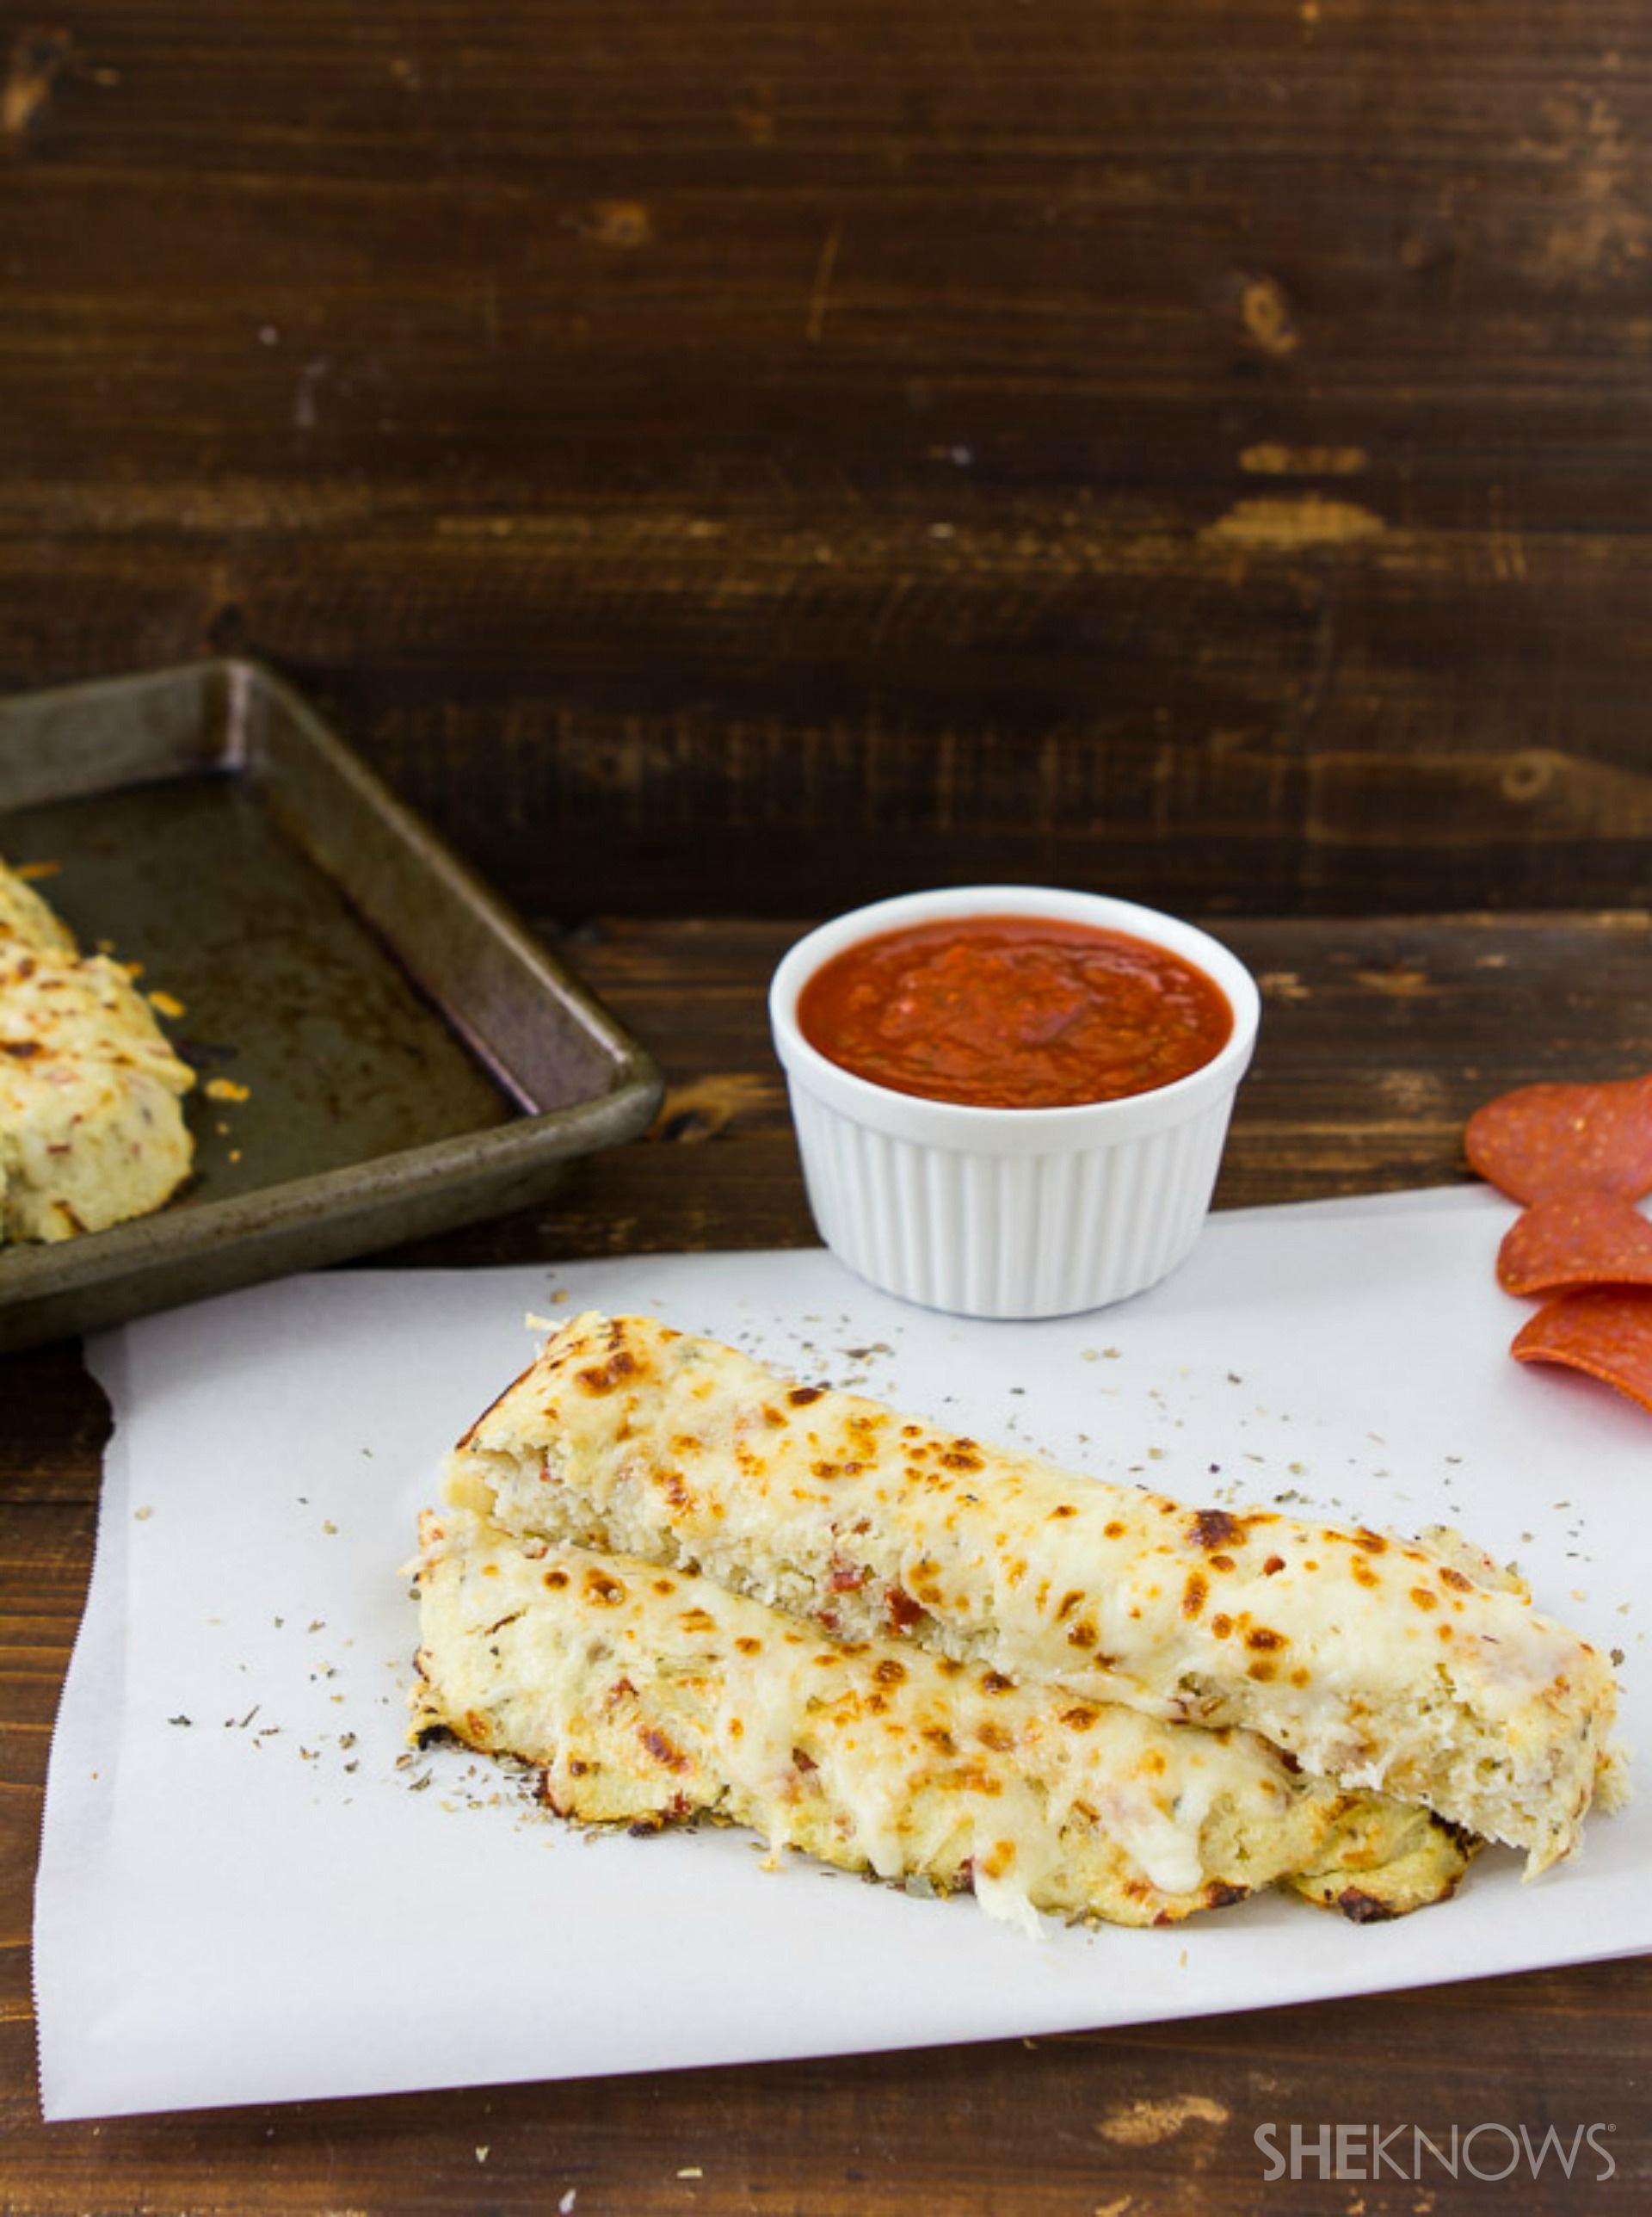 Cheesy pizza flavored cauliflower breadsticks